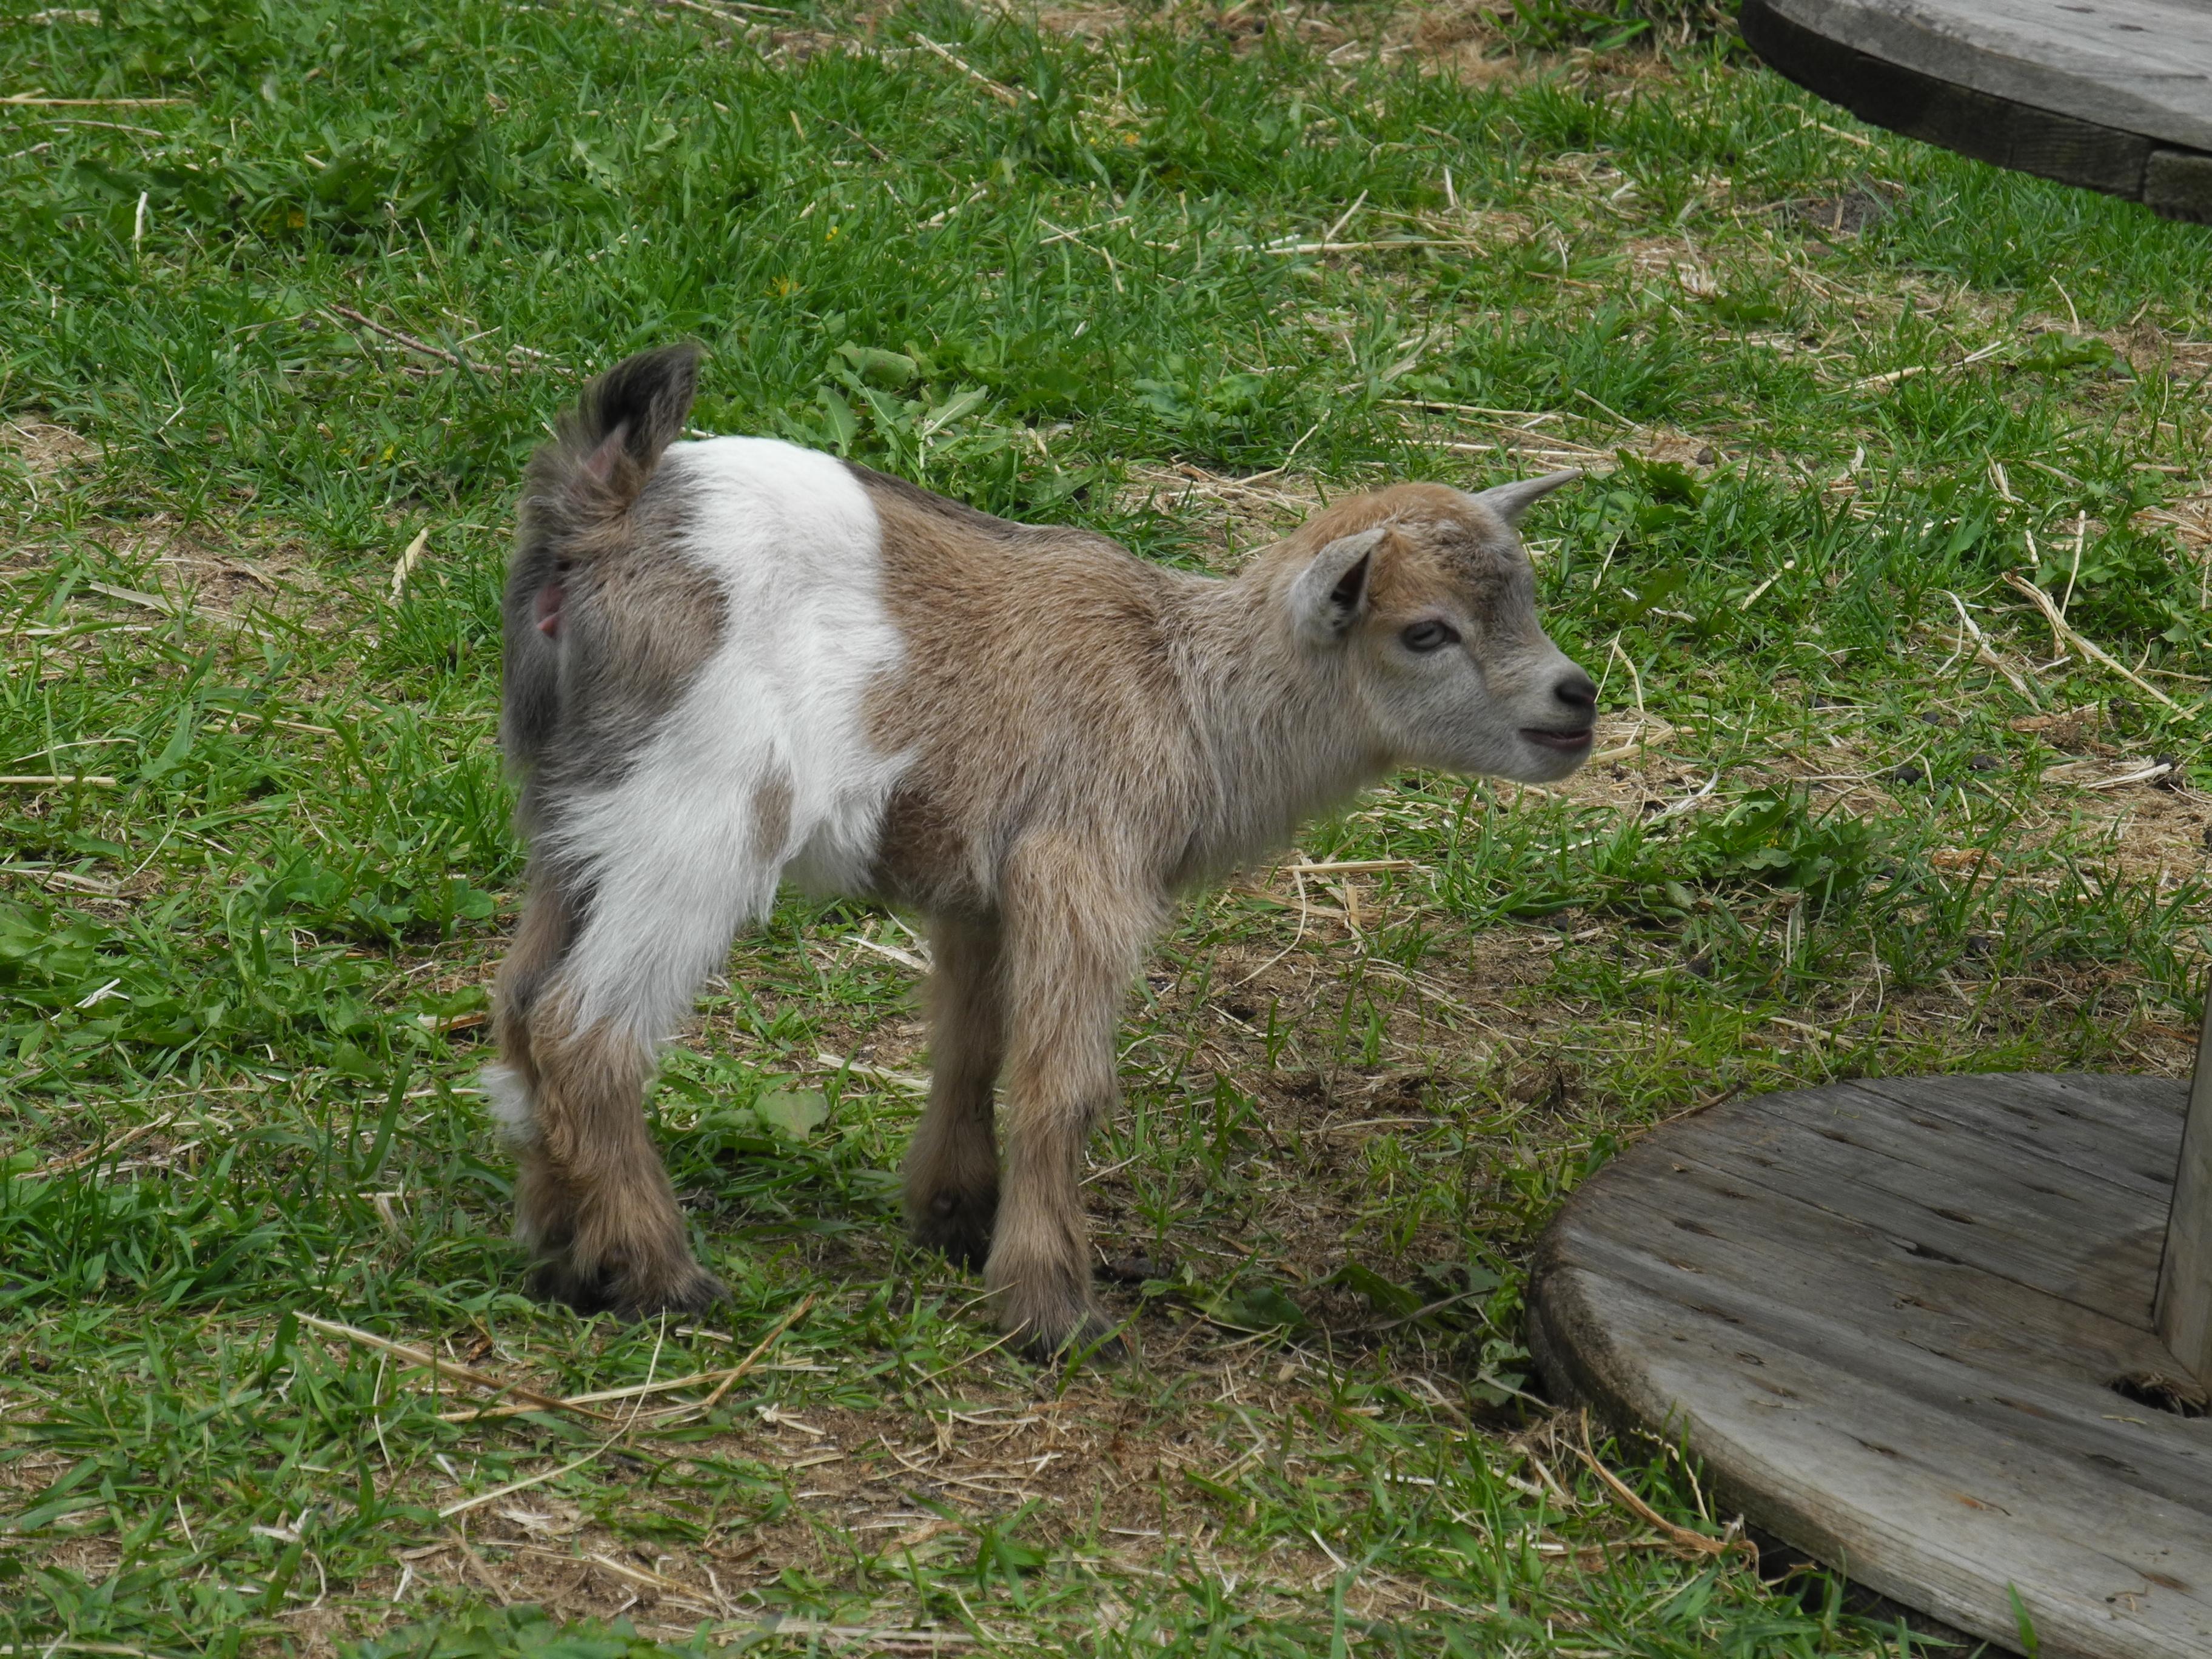 BPG Haute Goat & Primitive Designs Field Trip